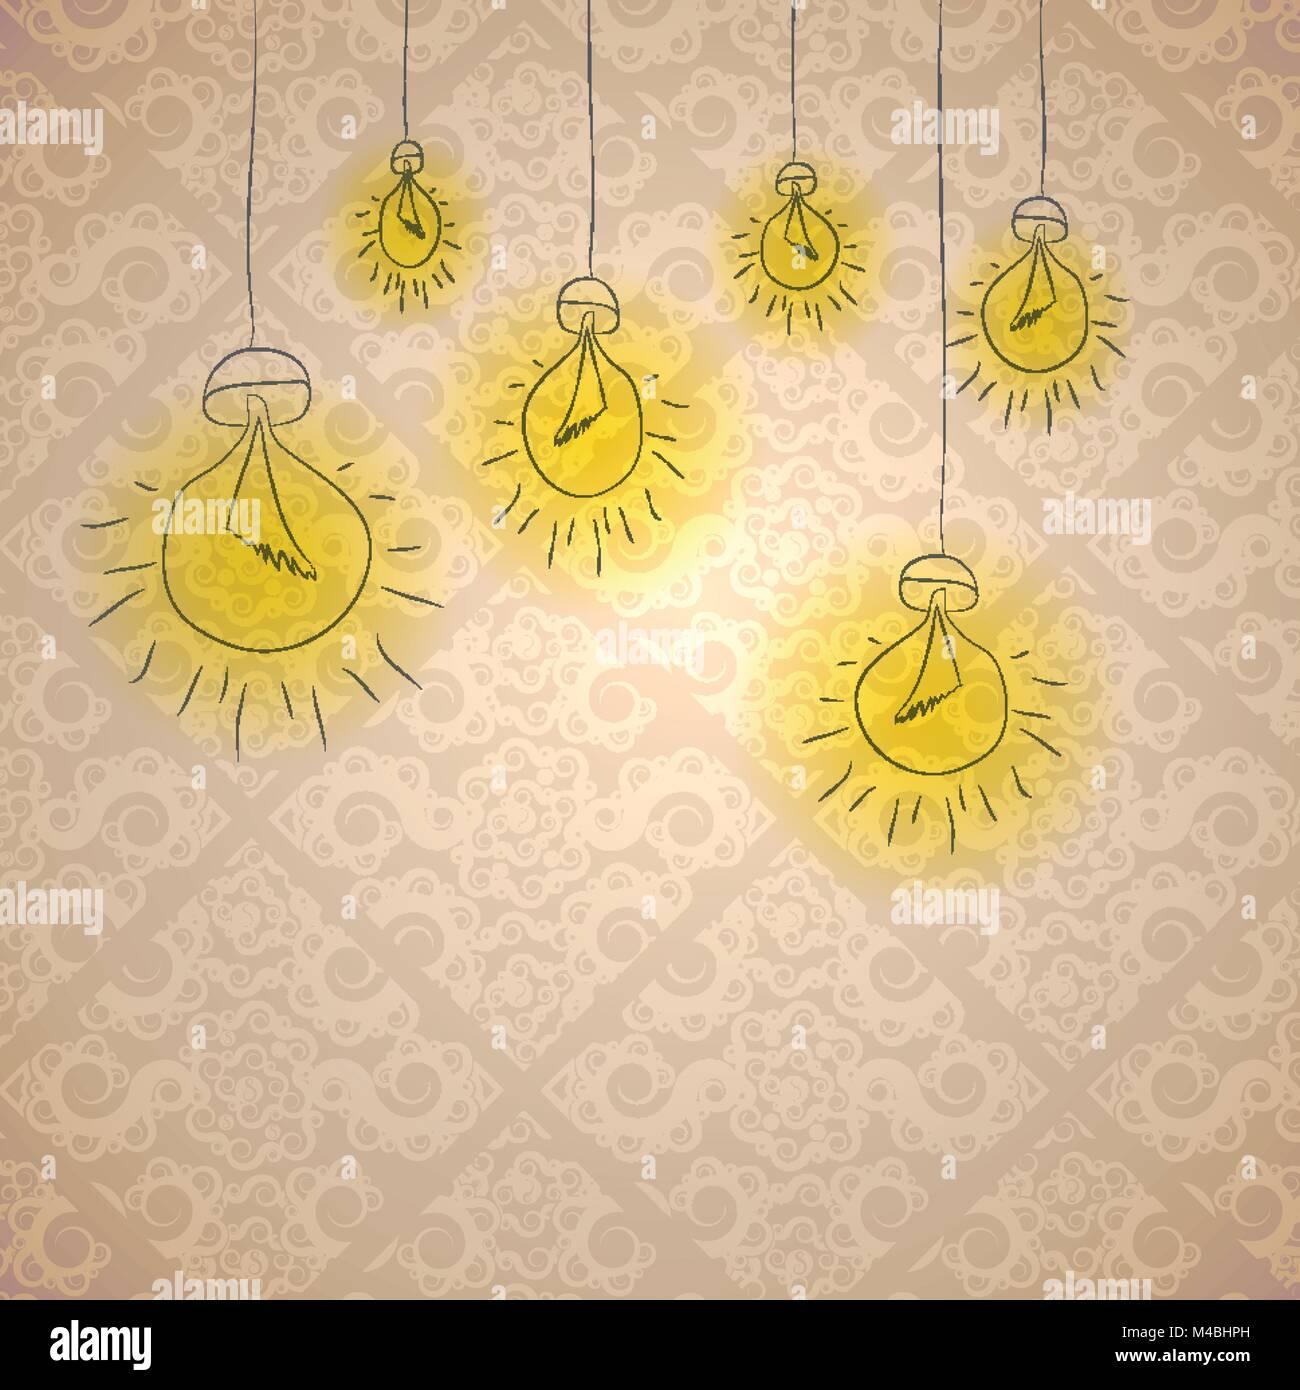 Creative Greeting Card Design Vector Stock Vector Art